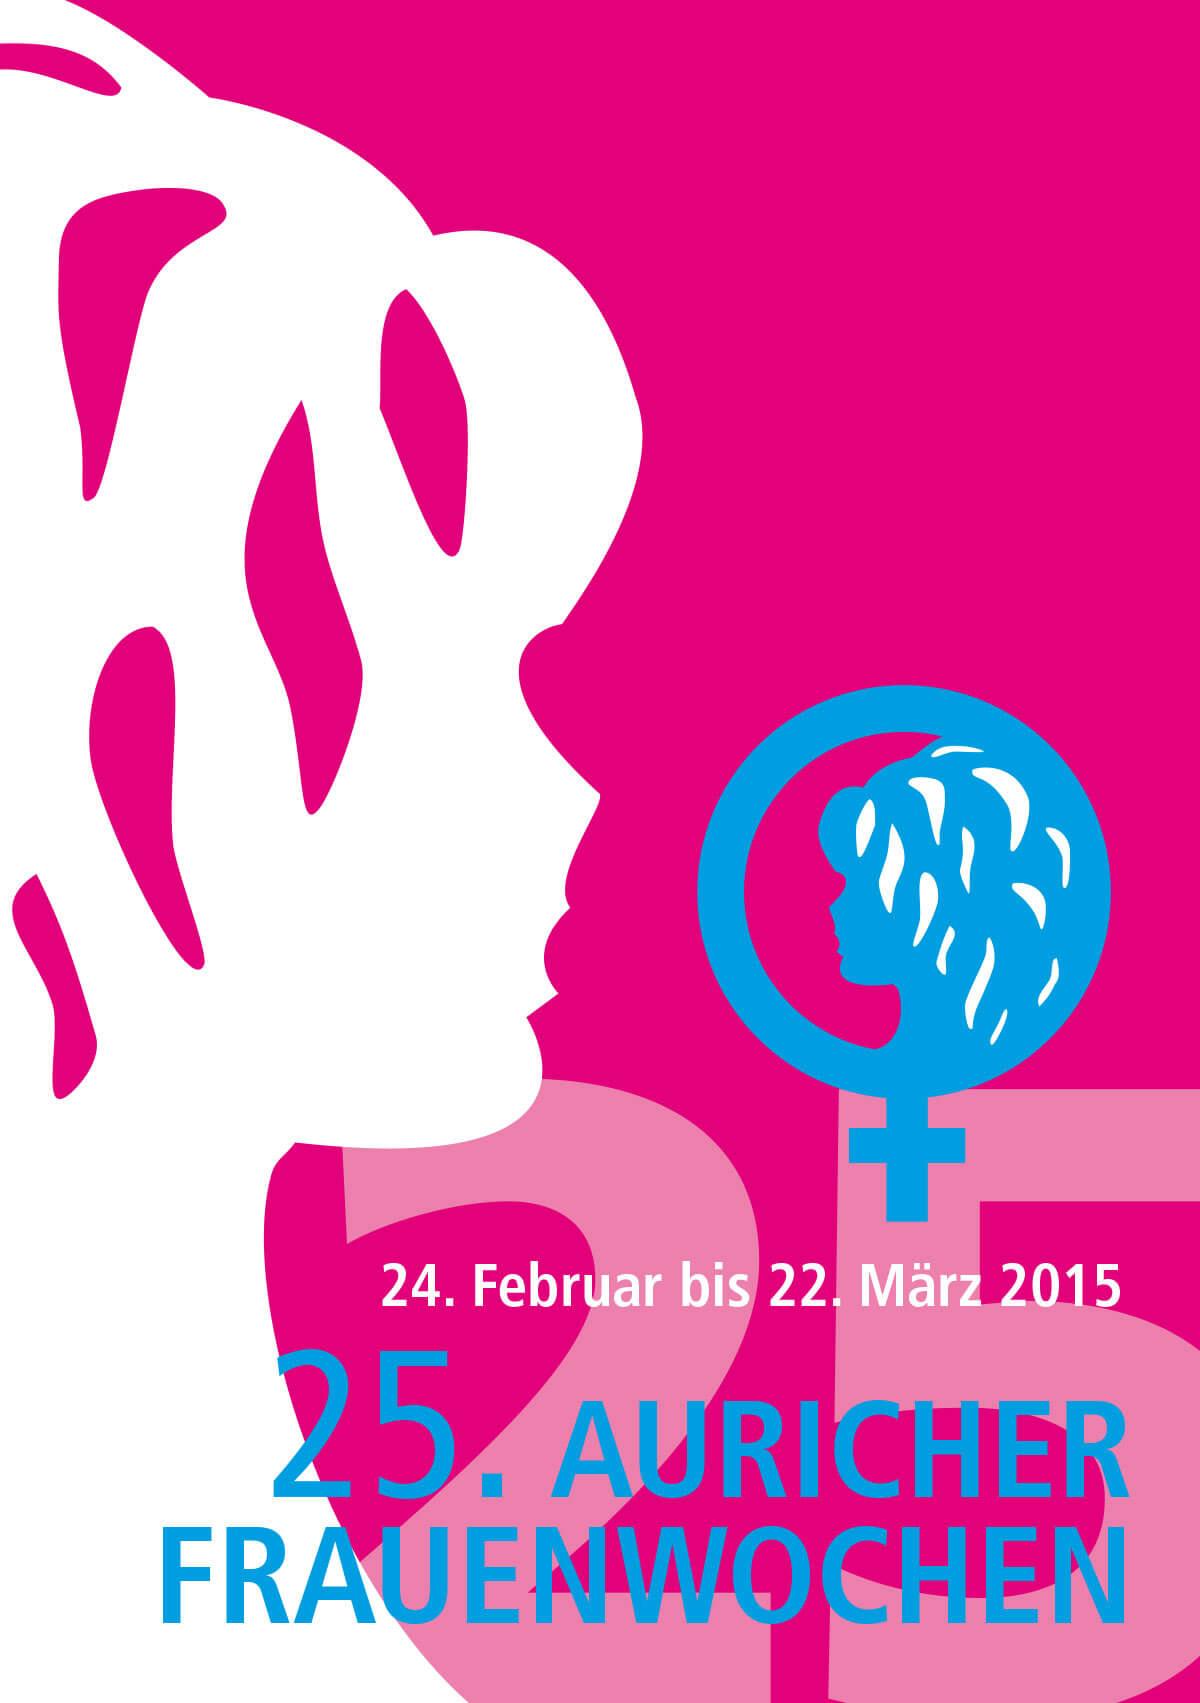 Programmheft 2015 anschauen – Auricher Frauenwochen